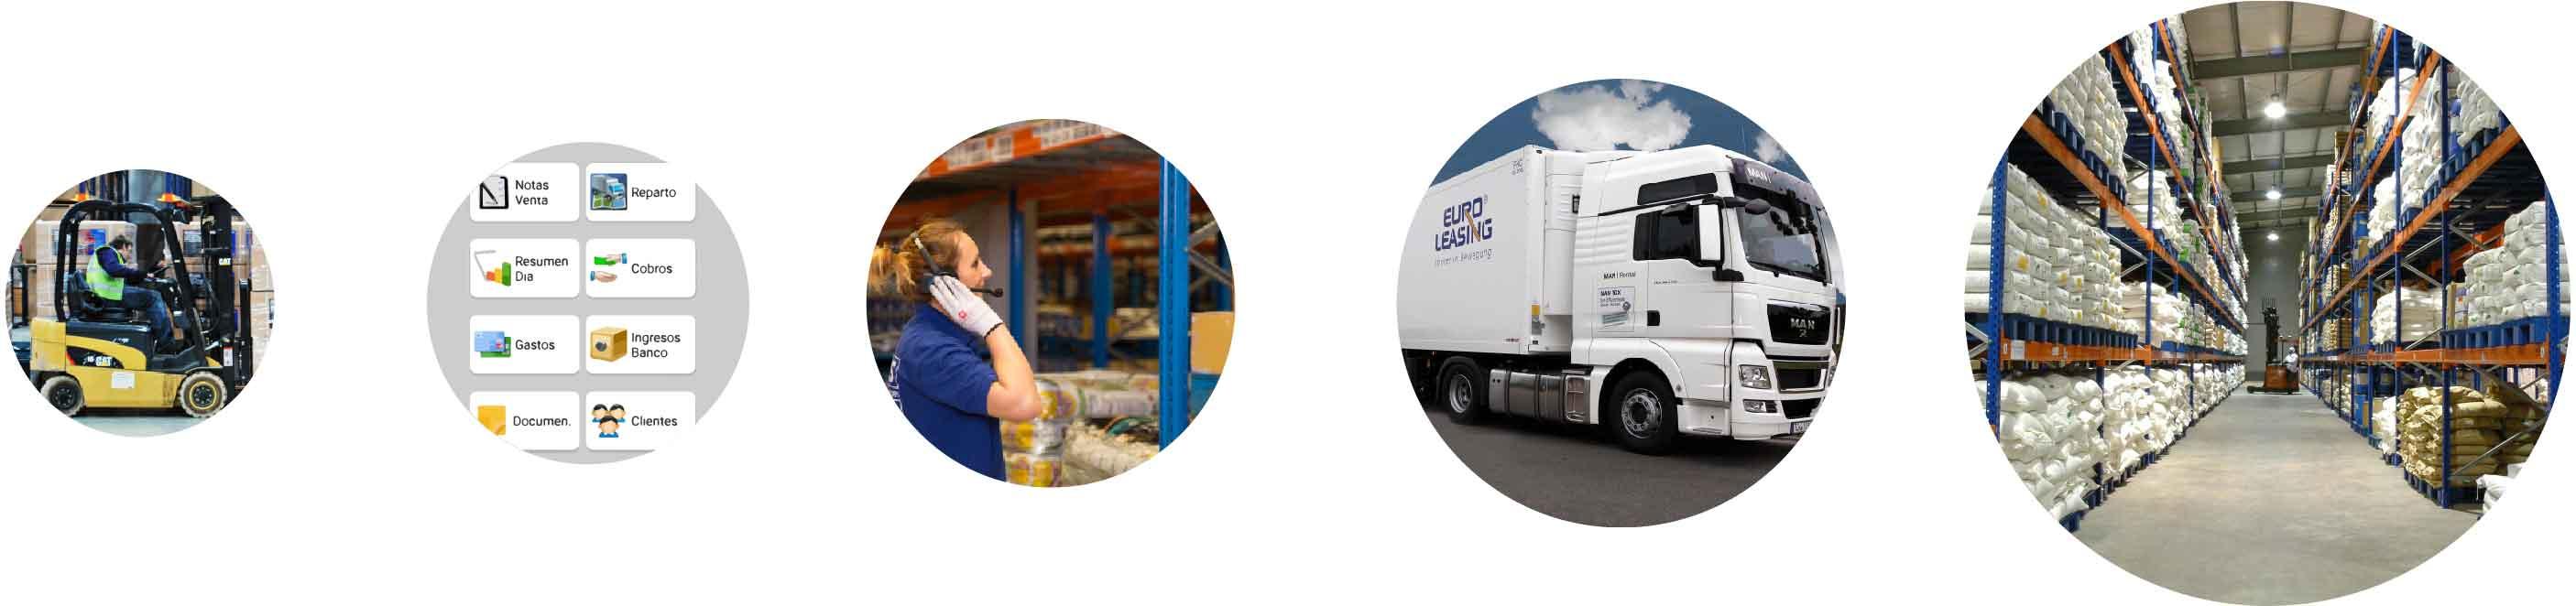 Soluciones profesionales para logística y movilidad